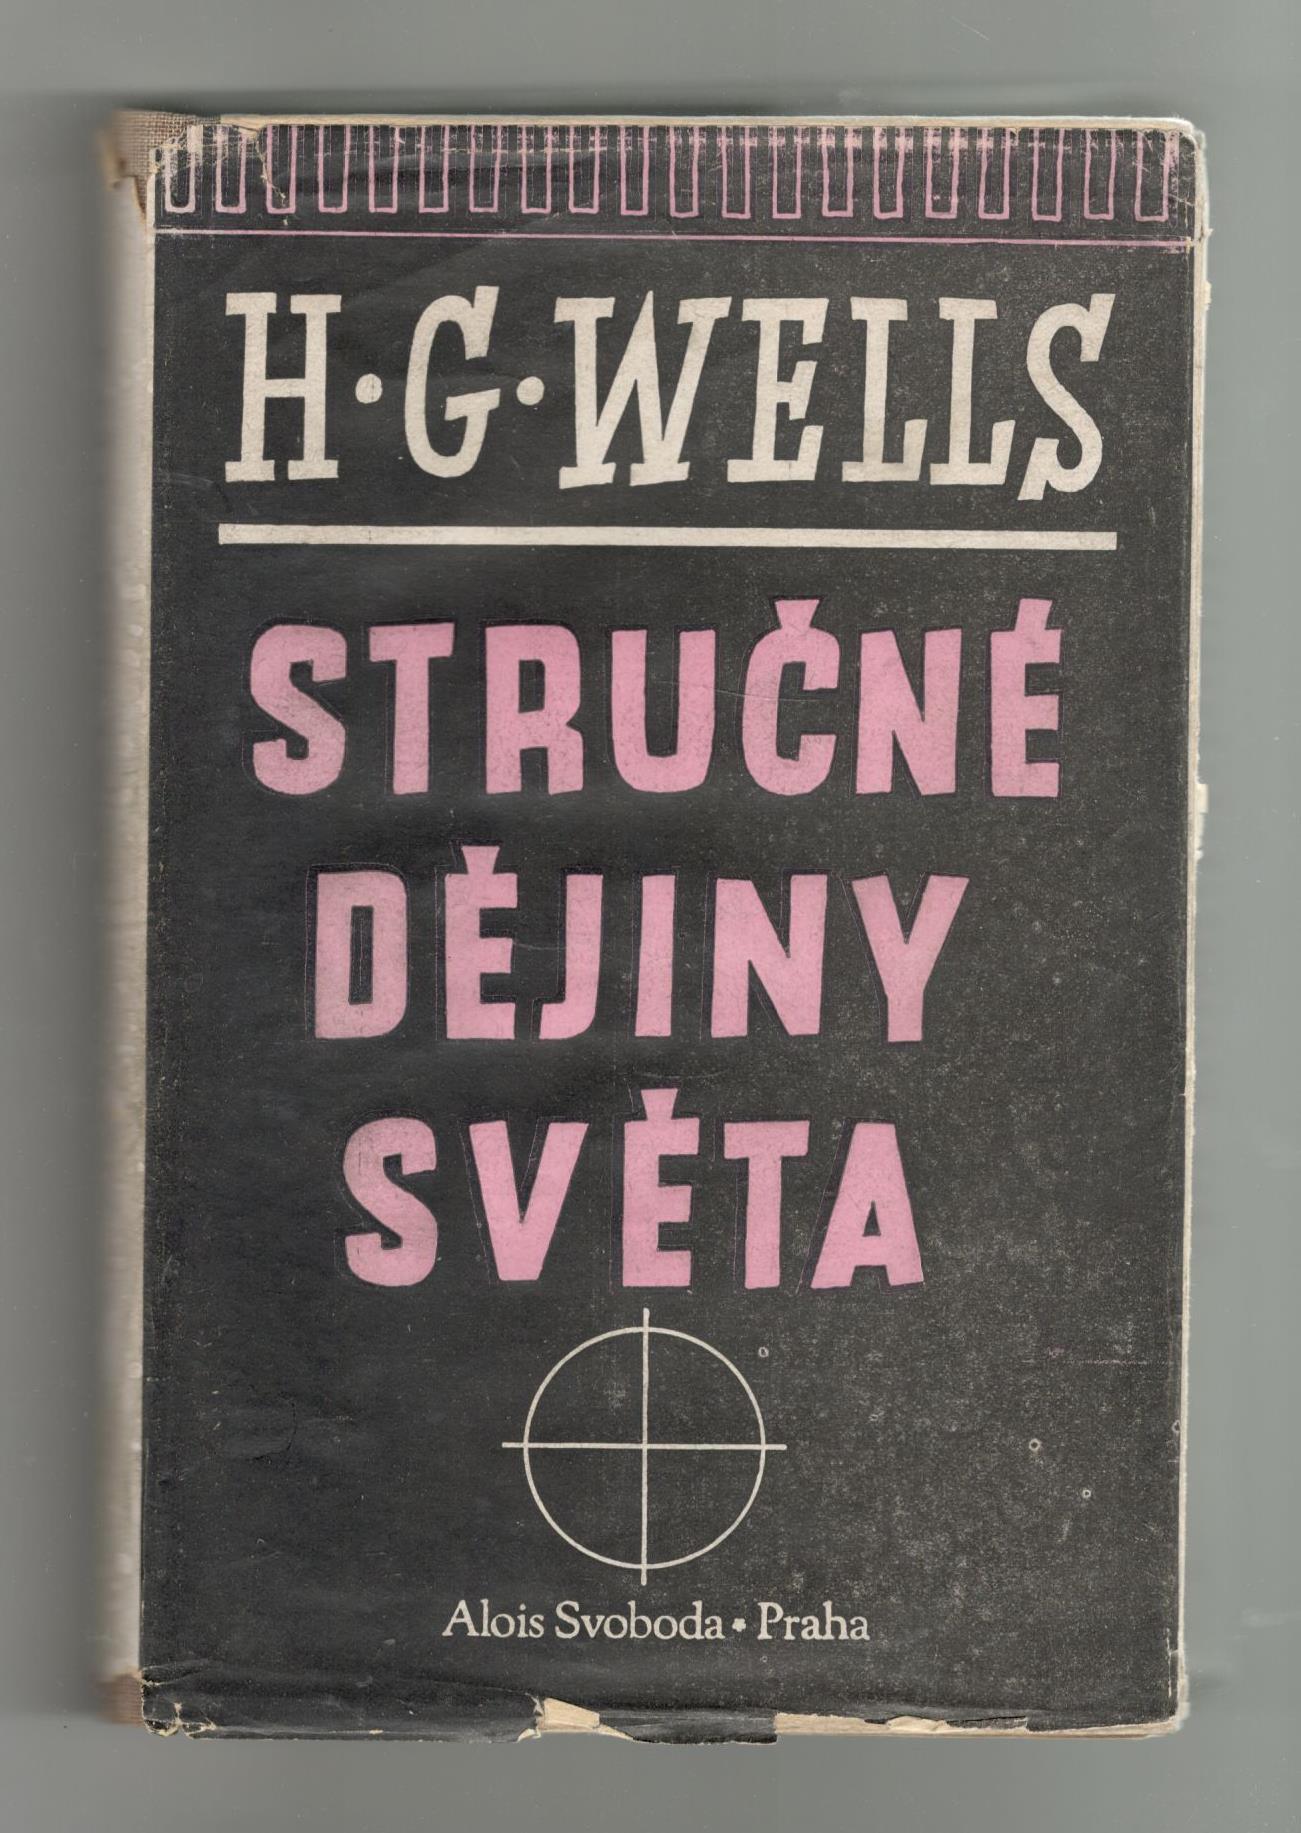 Stručné dějiny světa - Herbert George Wells